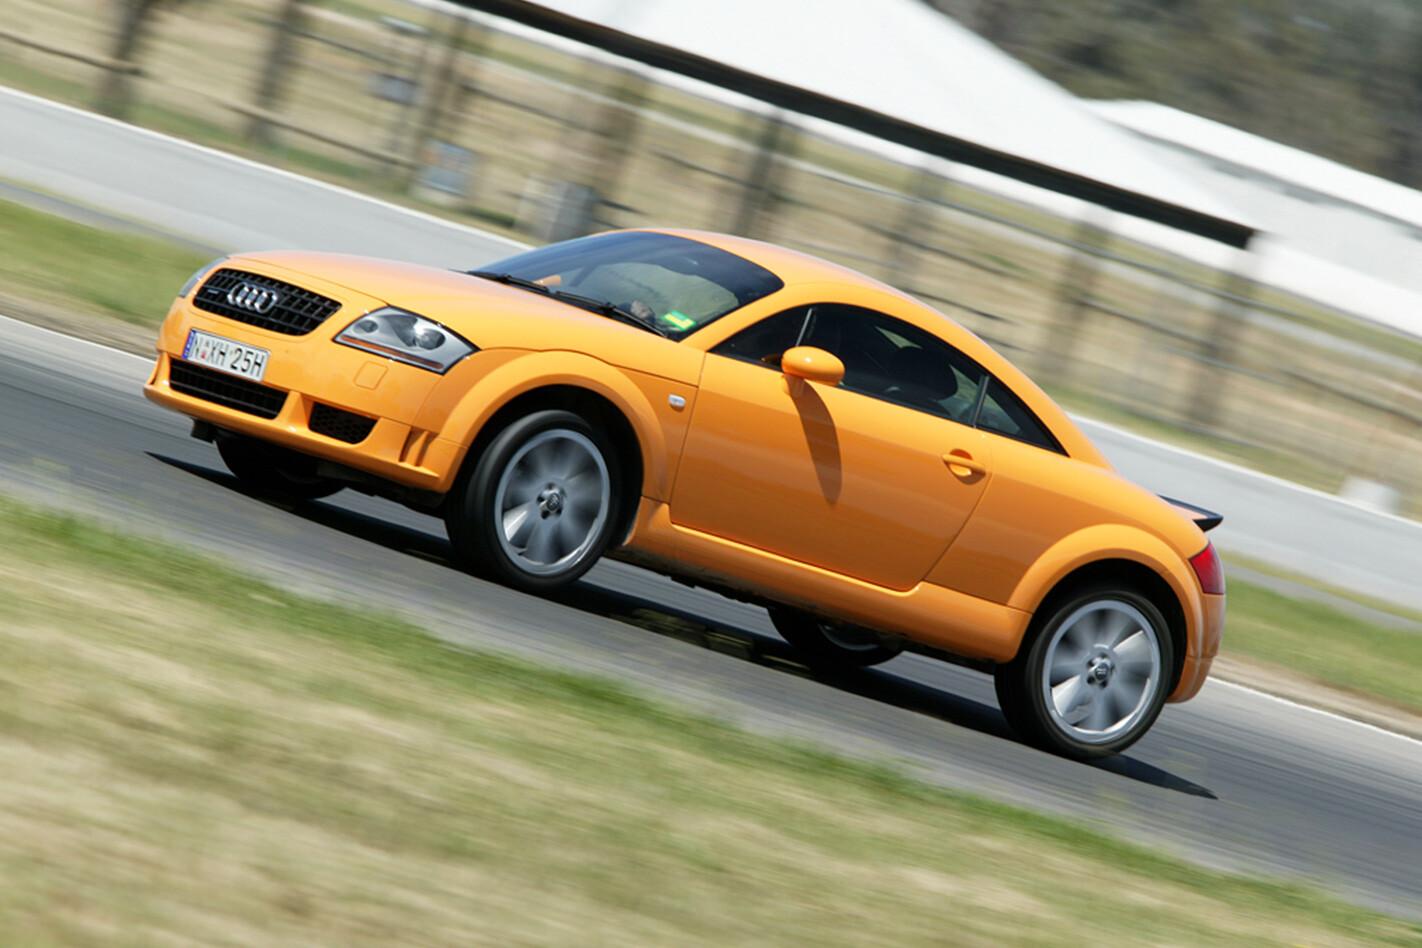 2004-Audi-TT-V6.jpg